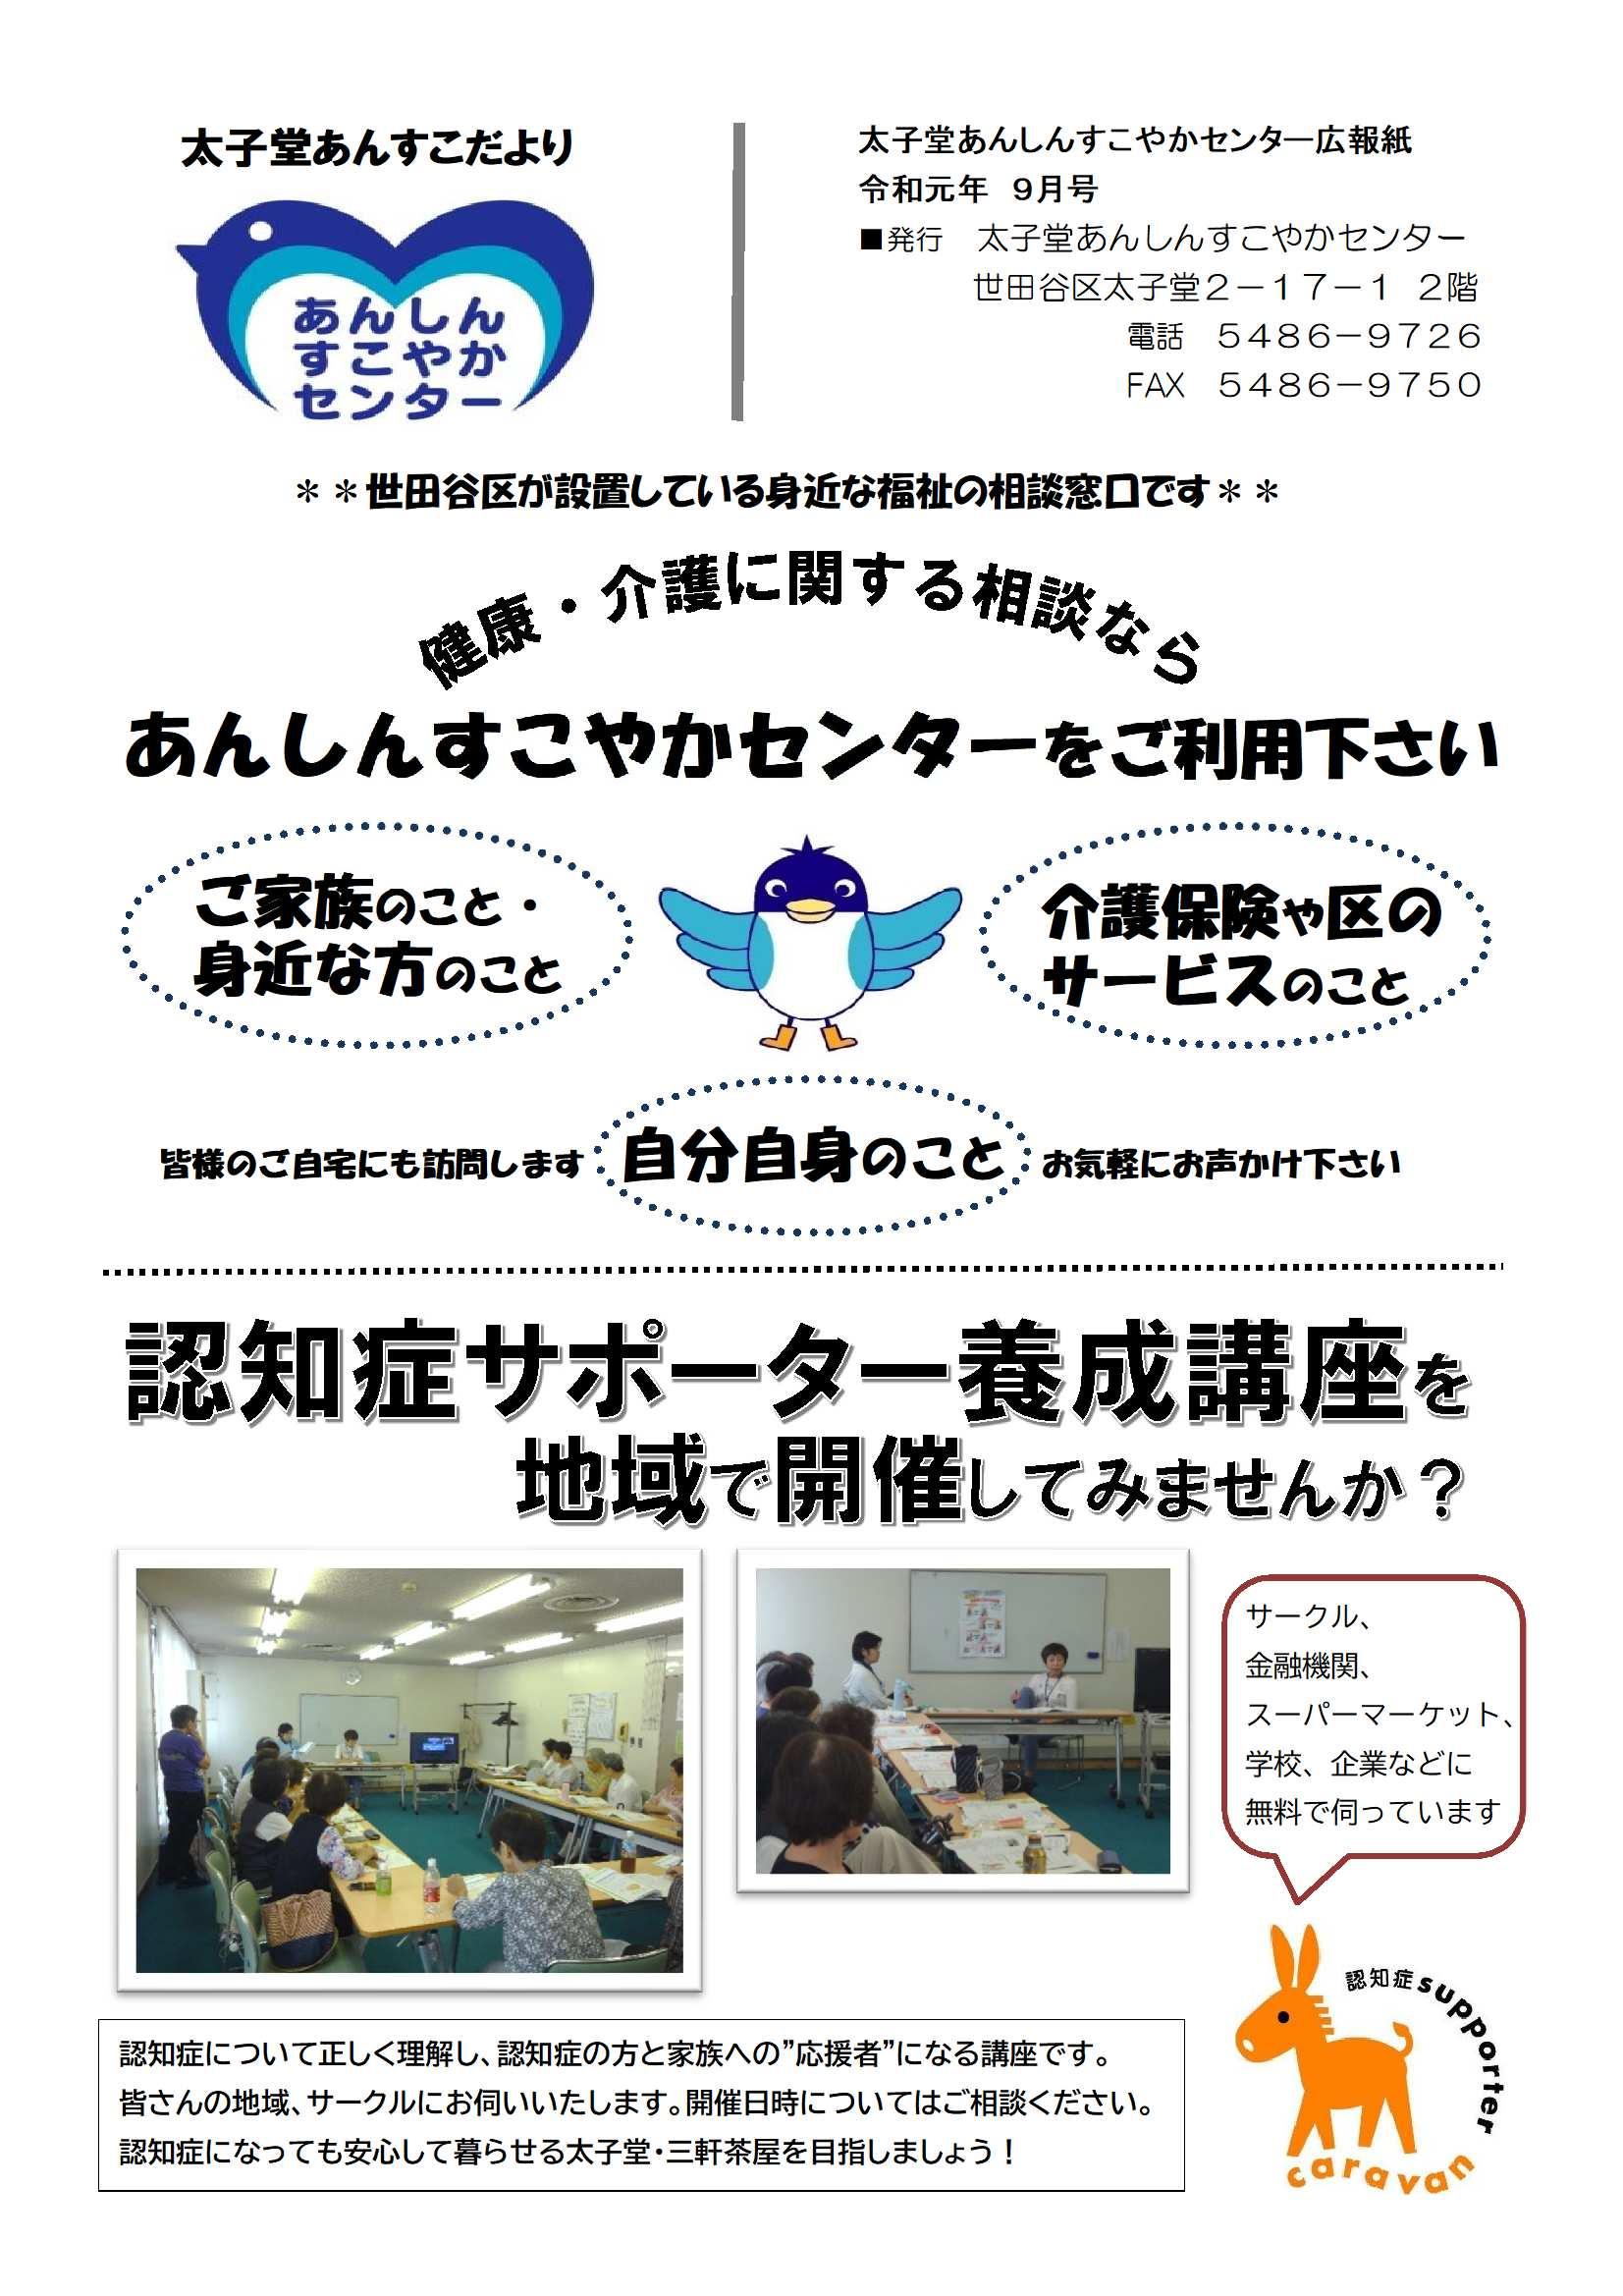 1 太子堂あんすこ広報紙jpg.jpg